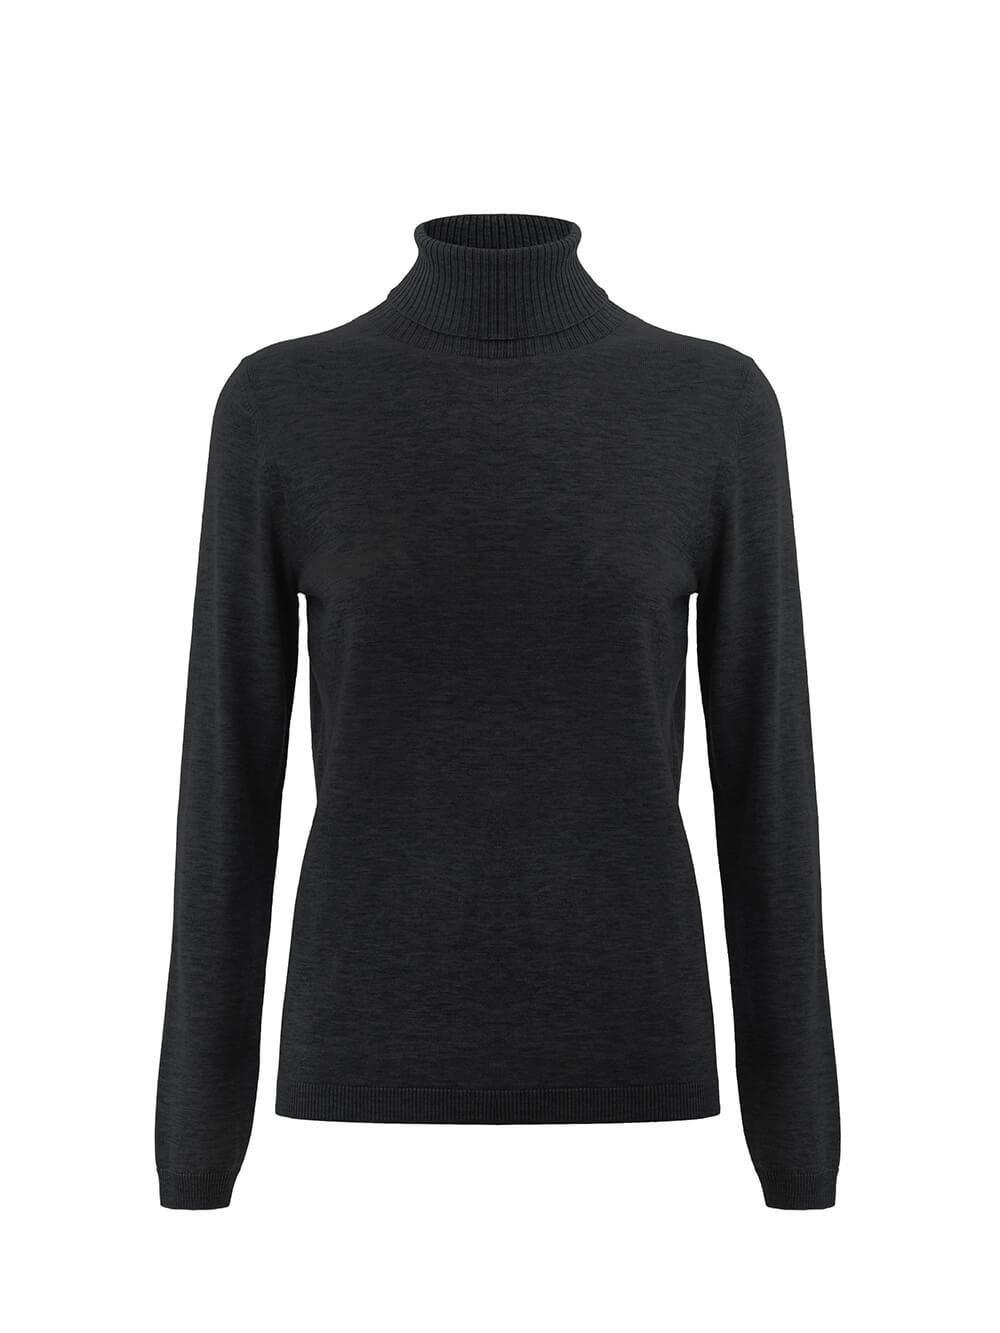 Женский свитер черного цвета из шерсти и шелка - фото 1